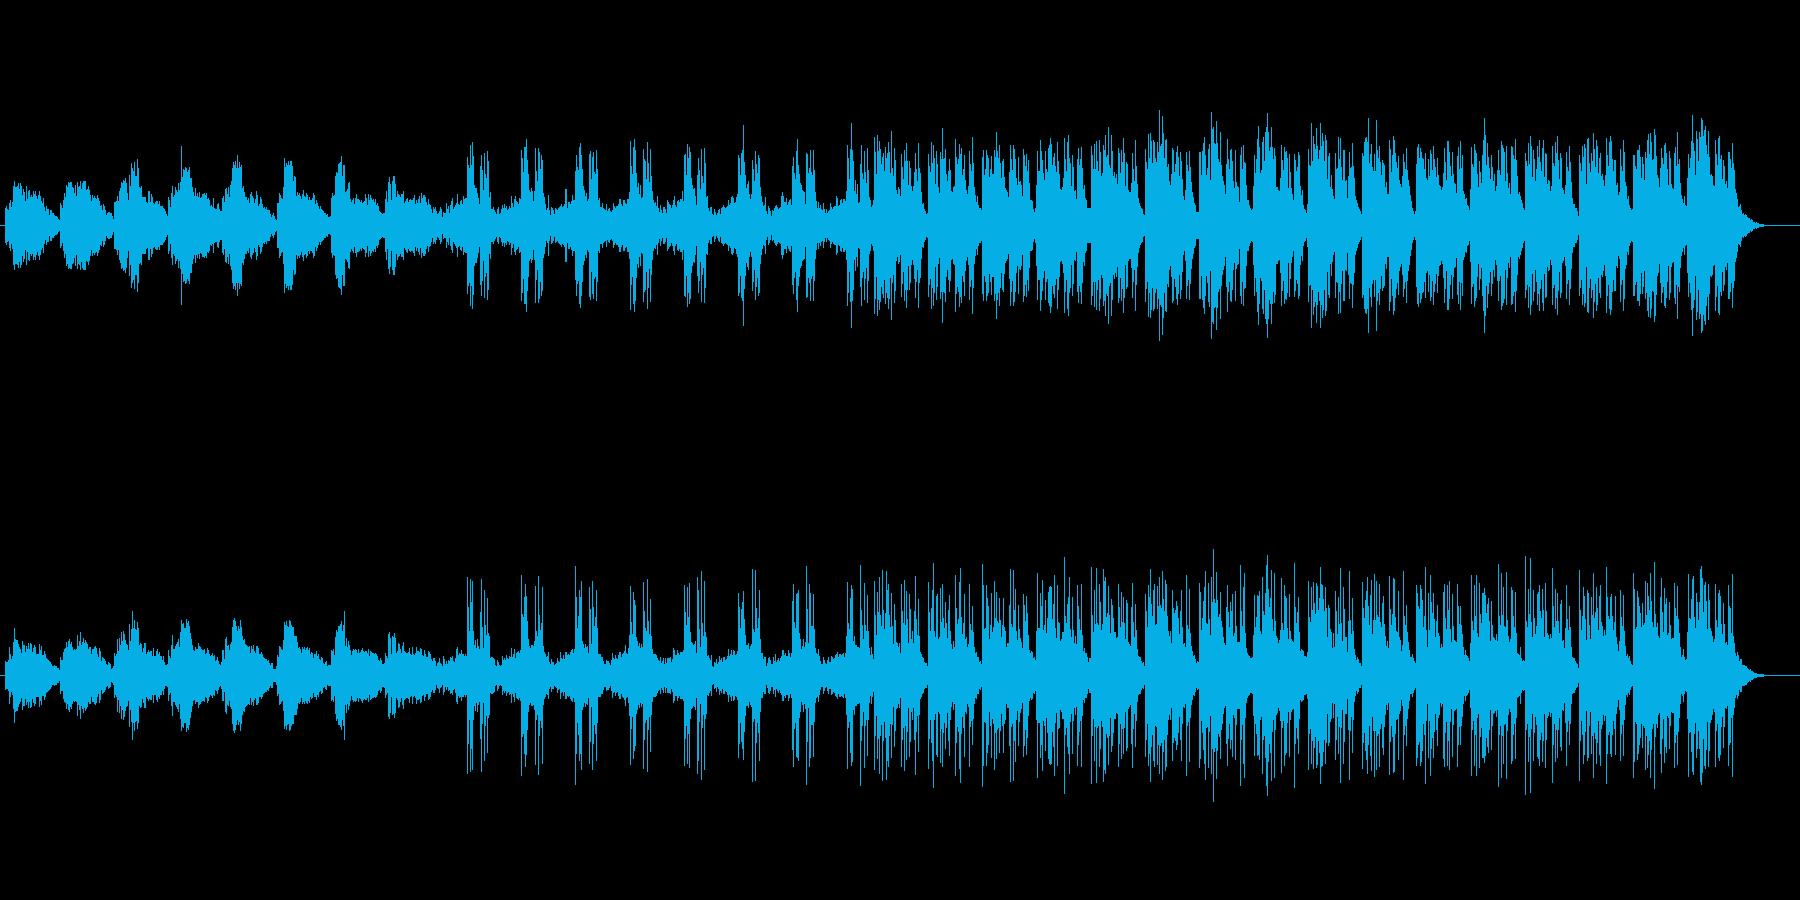 宇宙やロボット感のあるシンセサウンドの再生済みの波形